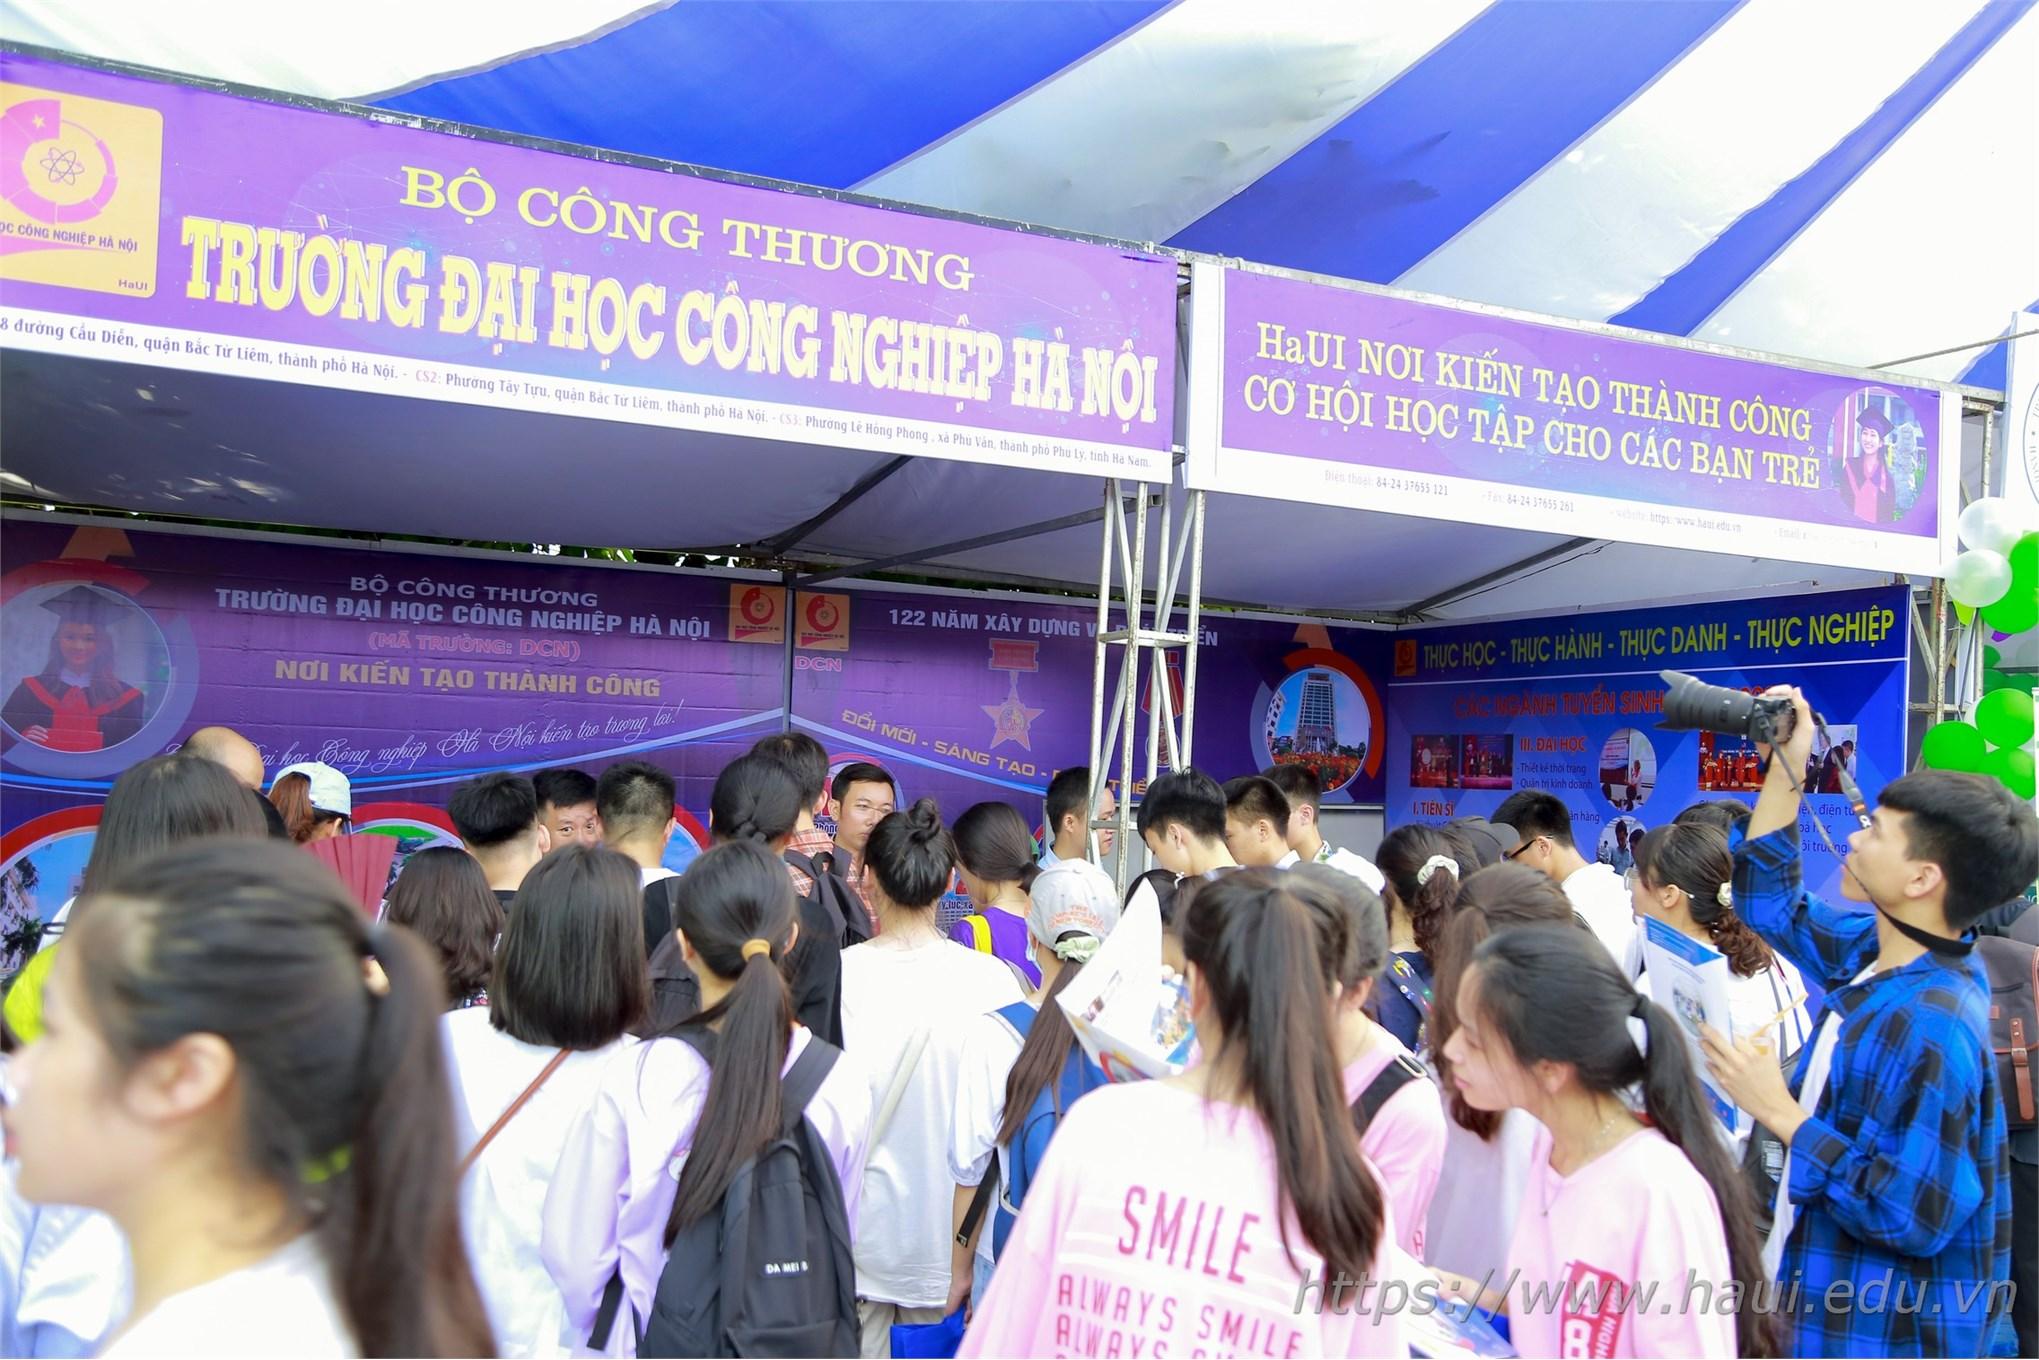 Đại học Công nghiệp Hà Nội tuyển sinh năm 2020